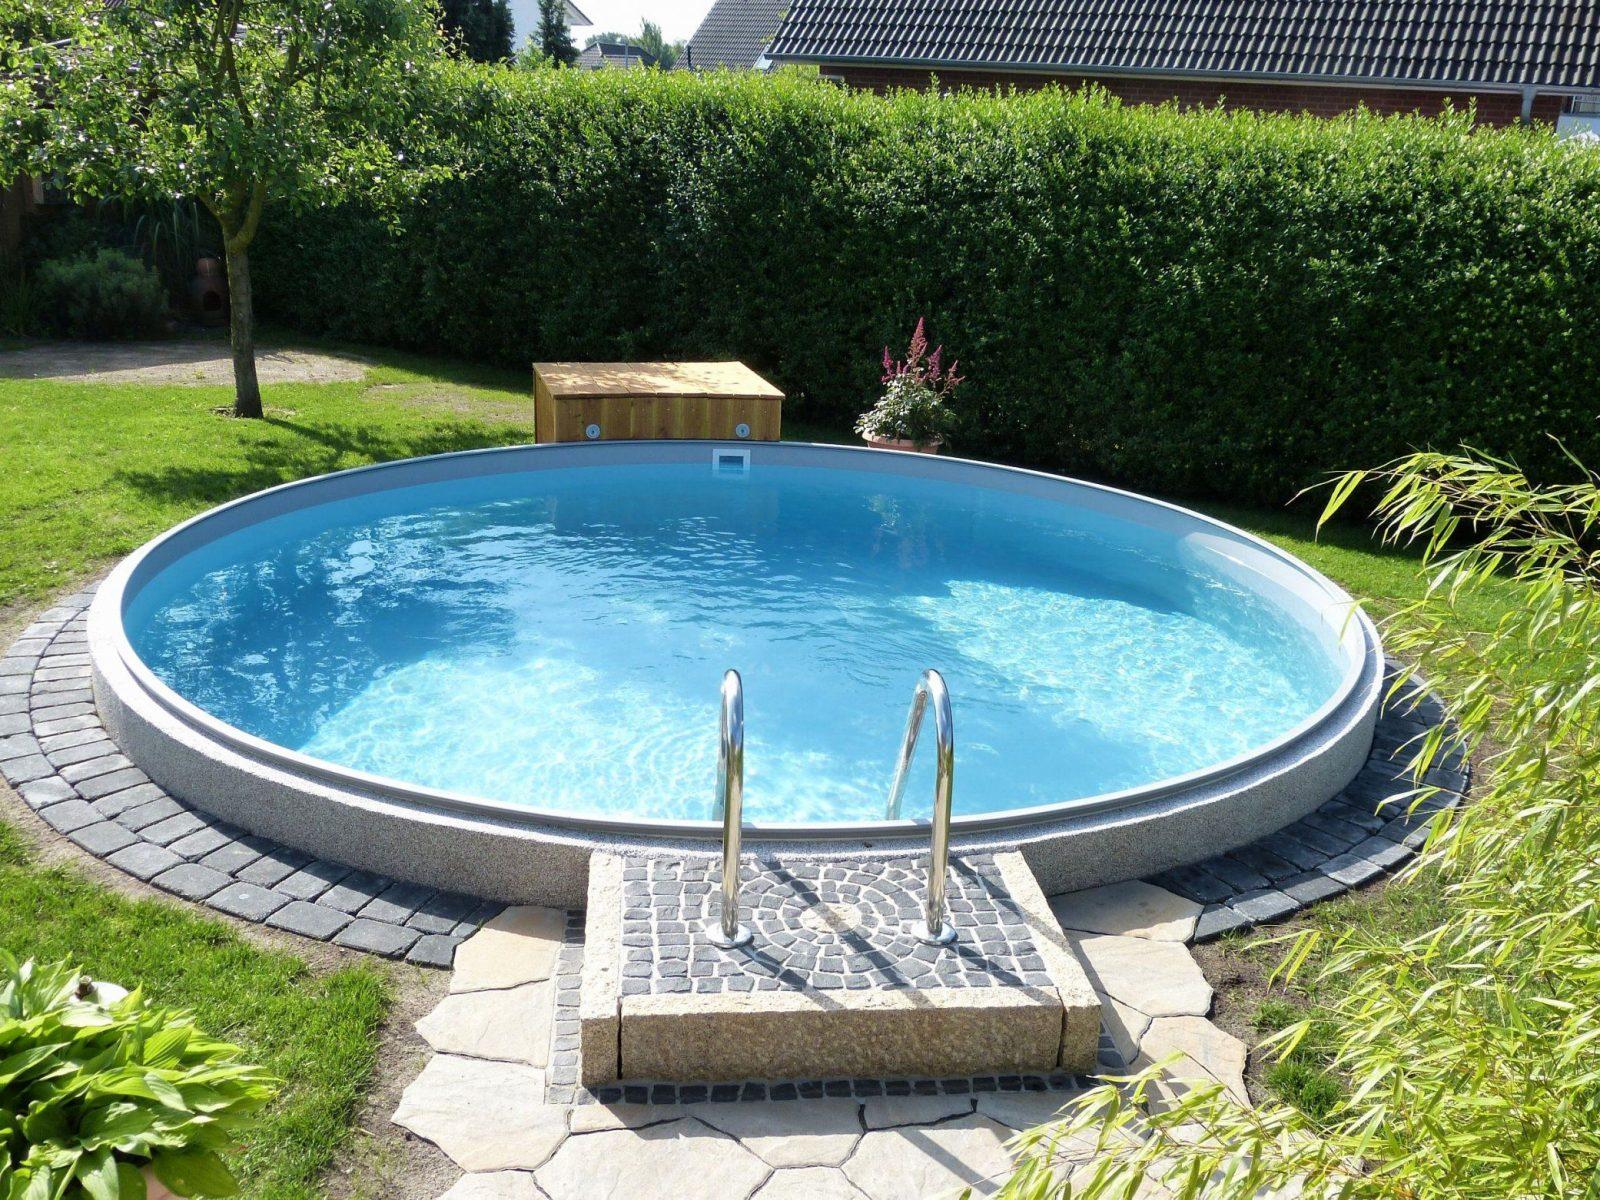 Poolakademie Bauen Sie Ihren Pool Selbst Wir Helfen Ihnen Elegant von Garten Gestalten Mit Pool Bild